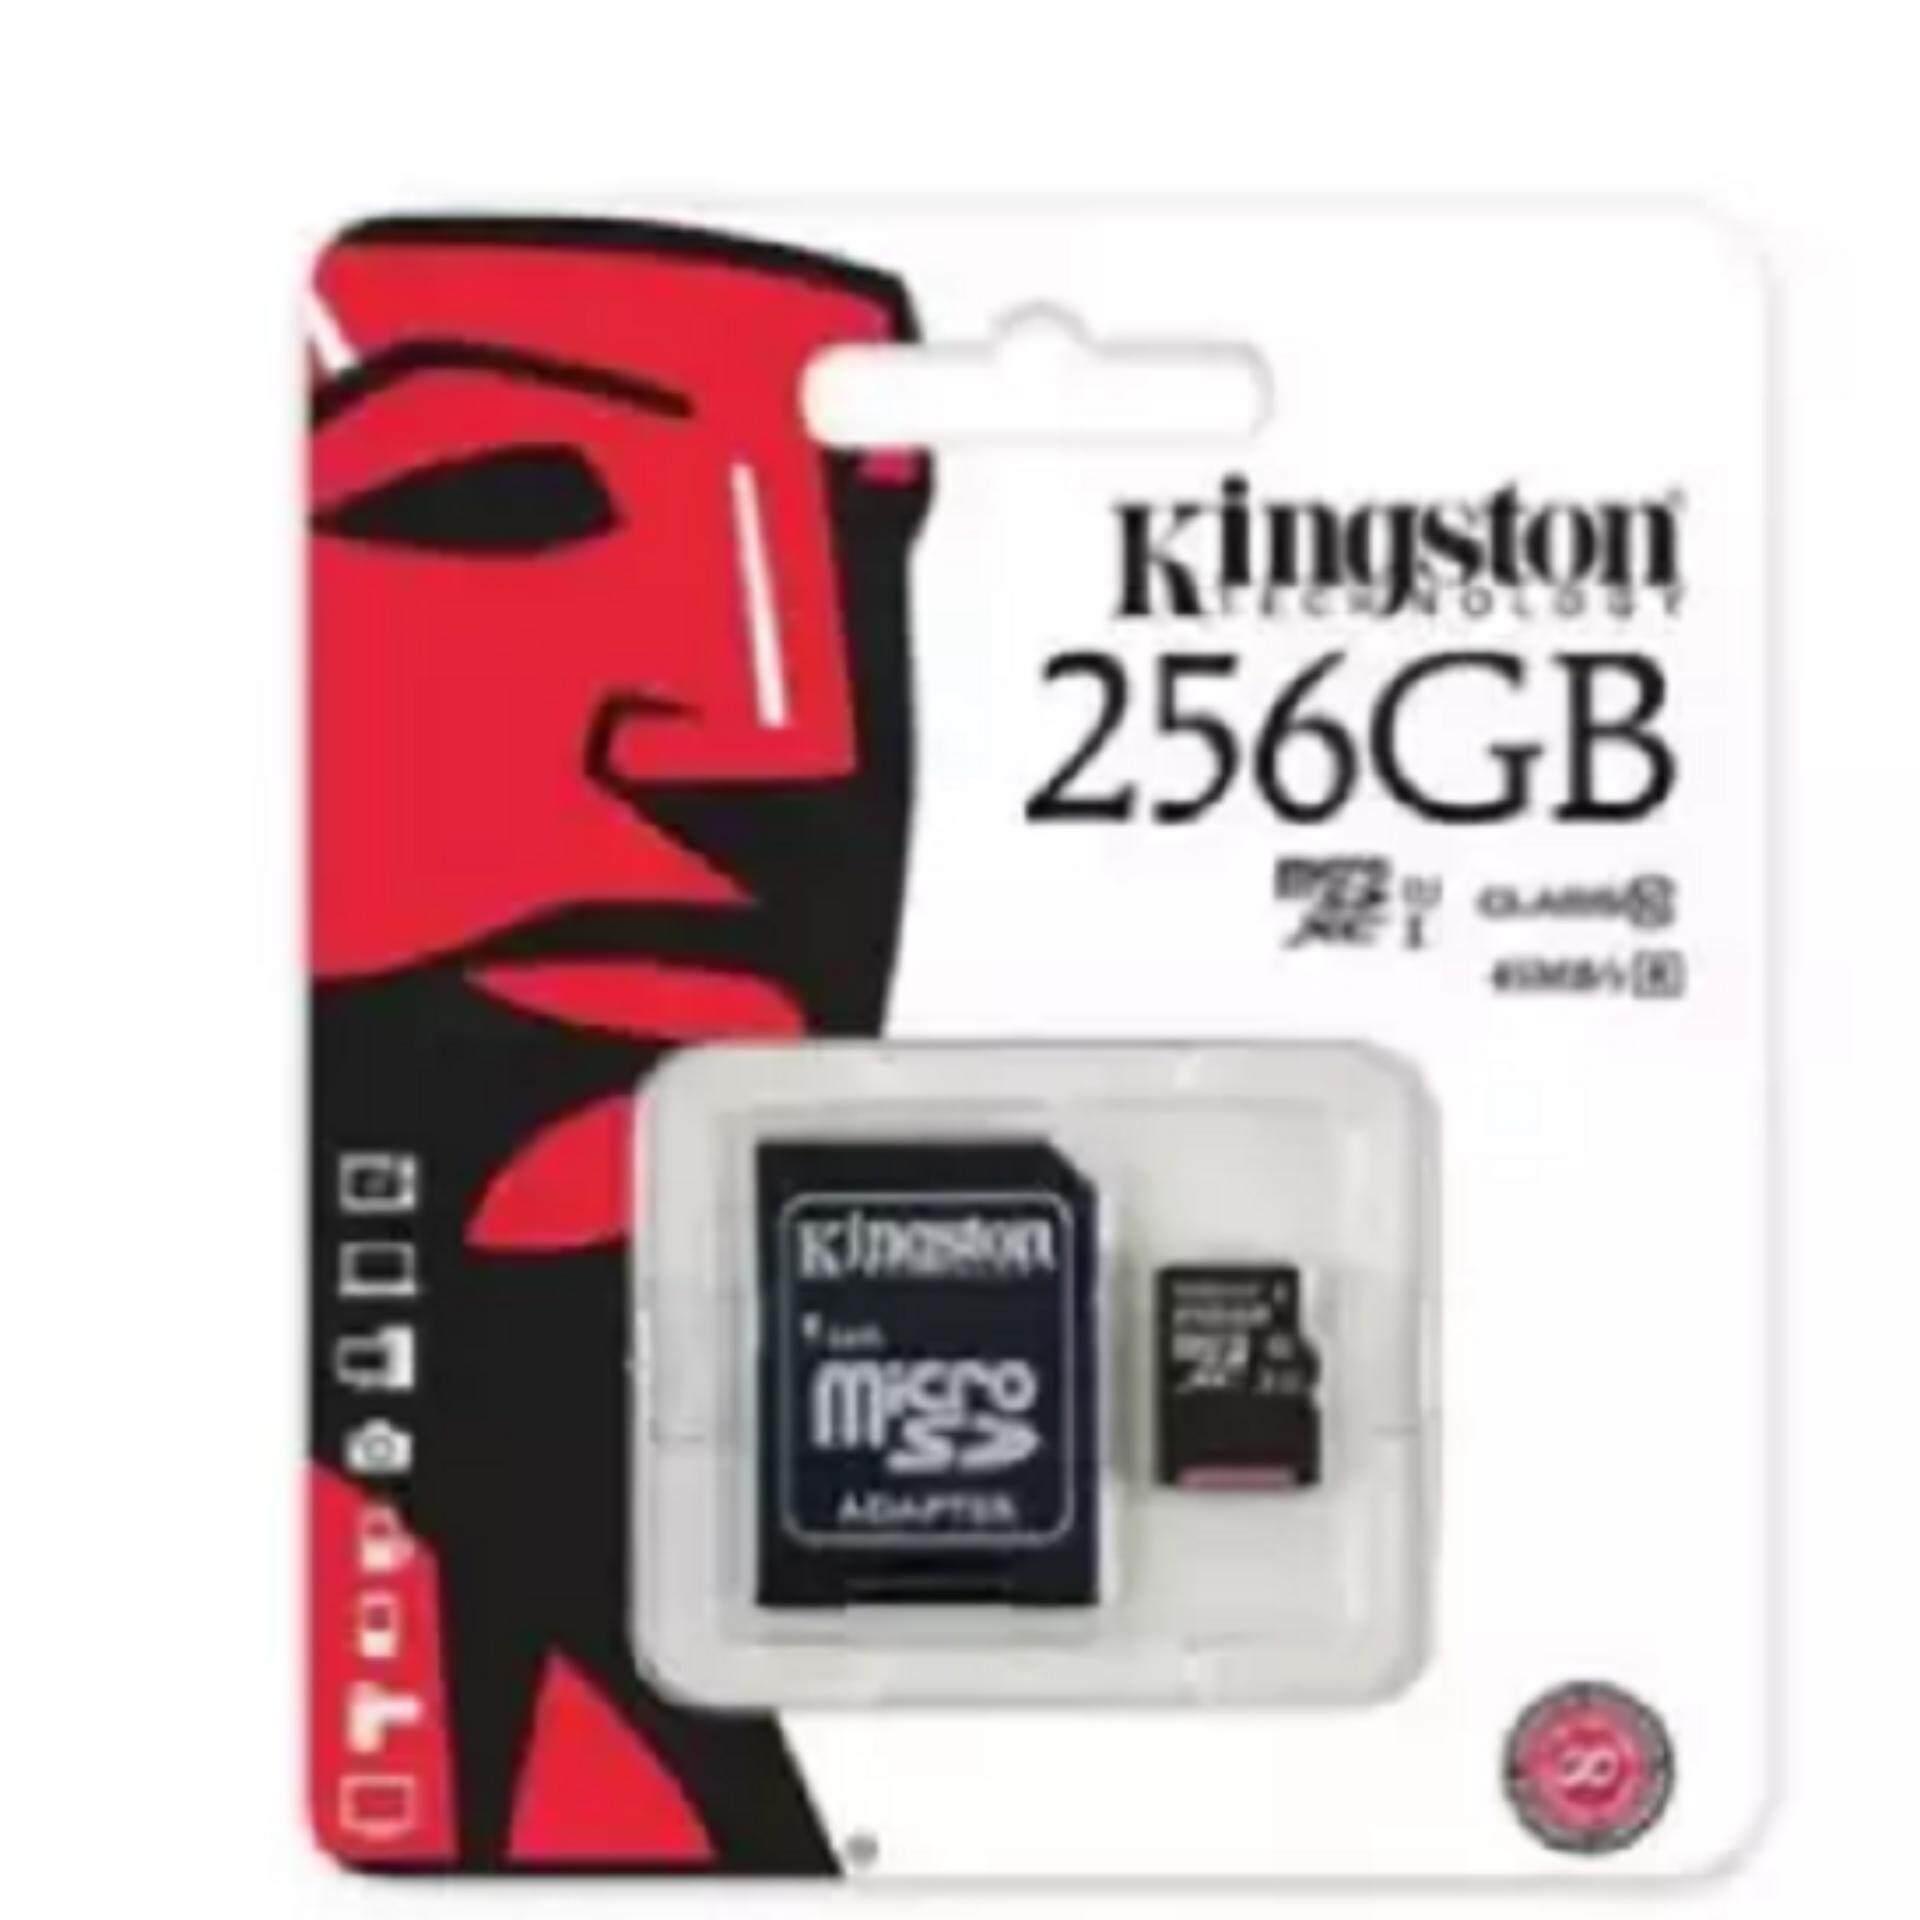 Kingston2208 ค้นพบสินค้าใน Kingstonเรียงตาม:ความเป็นที่นิยมจำนวนคนดู: